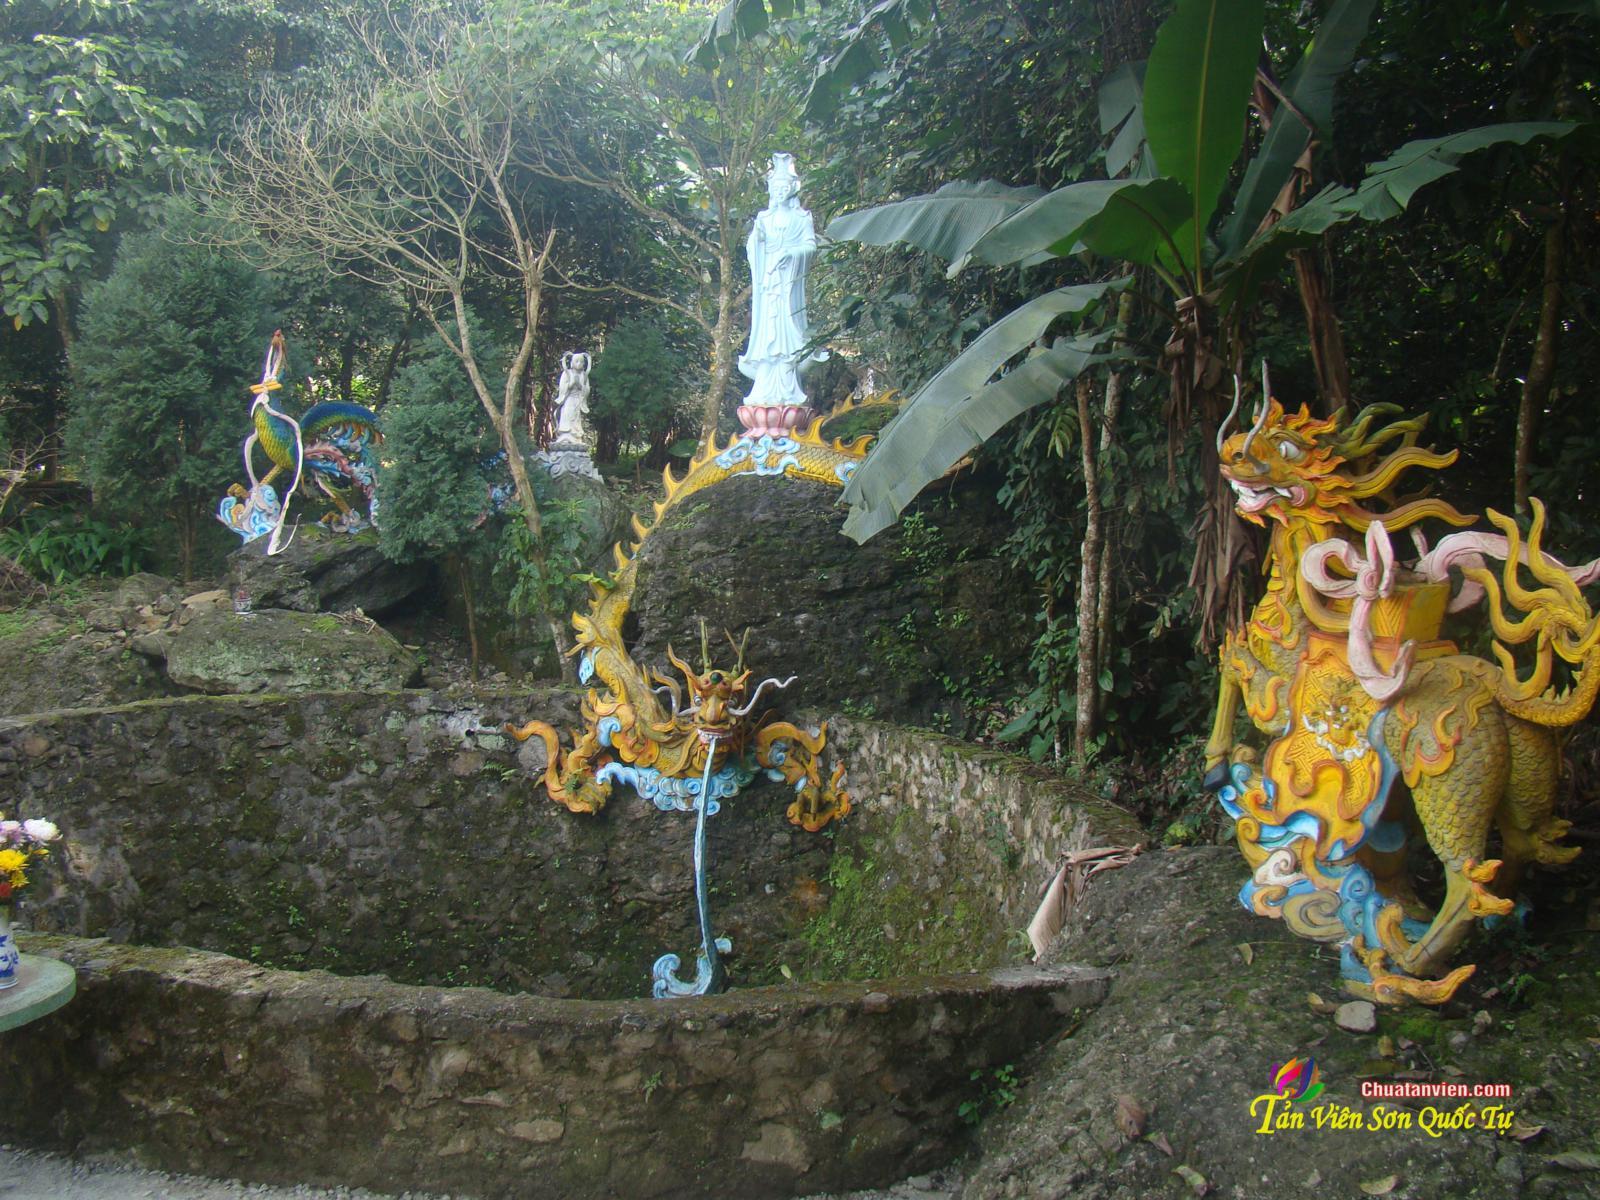 Ba lần nhìn thấy hào quang Phật và sự linh ứng ở Giếng Quan Âm.